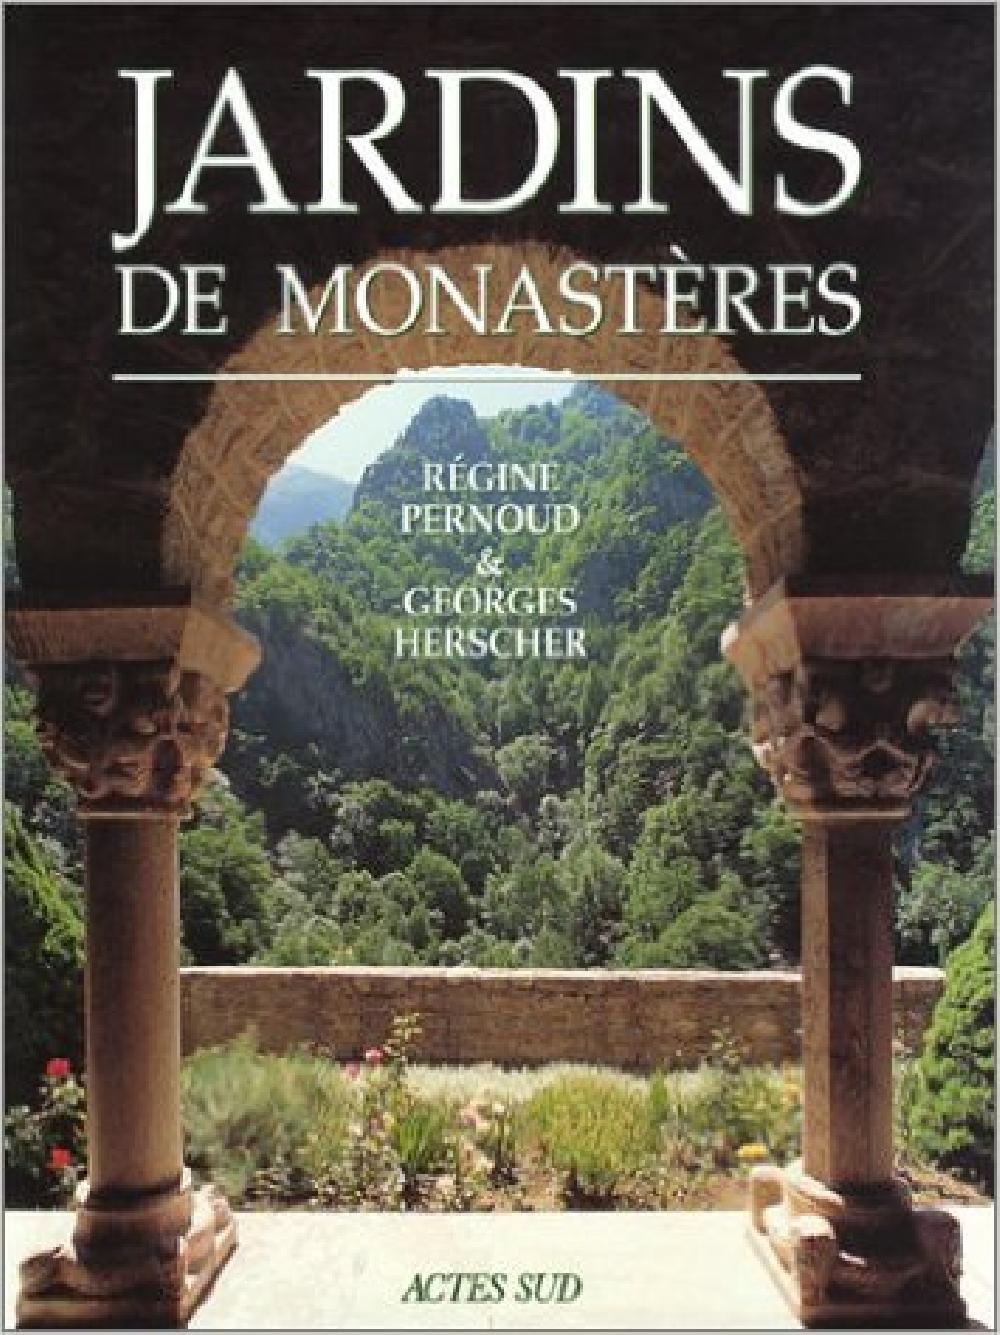 Jardins de monastères